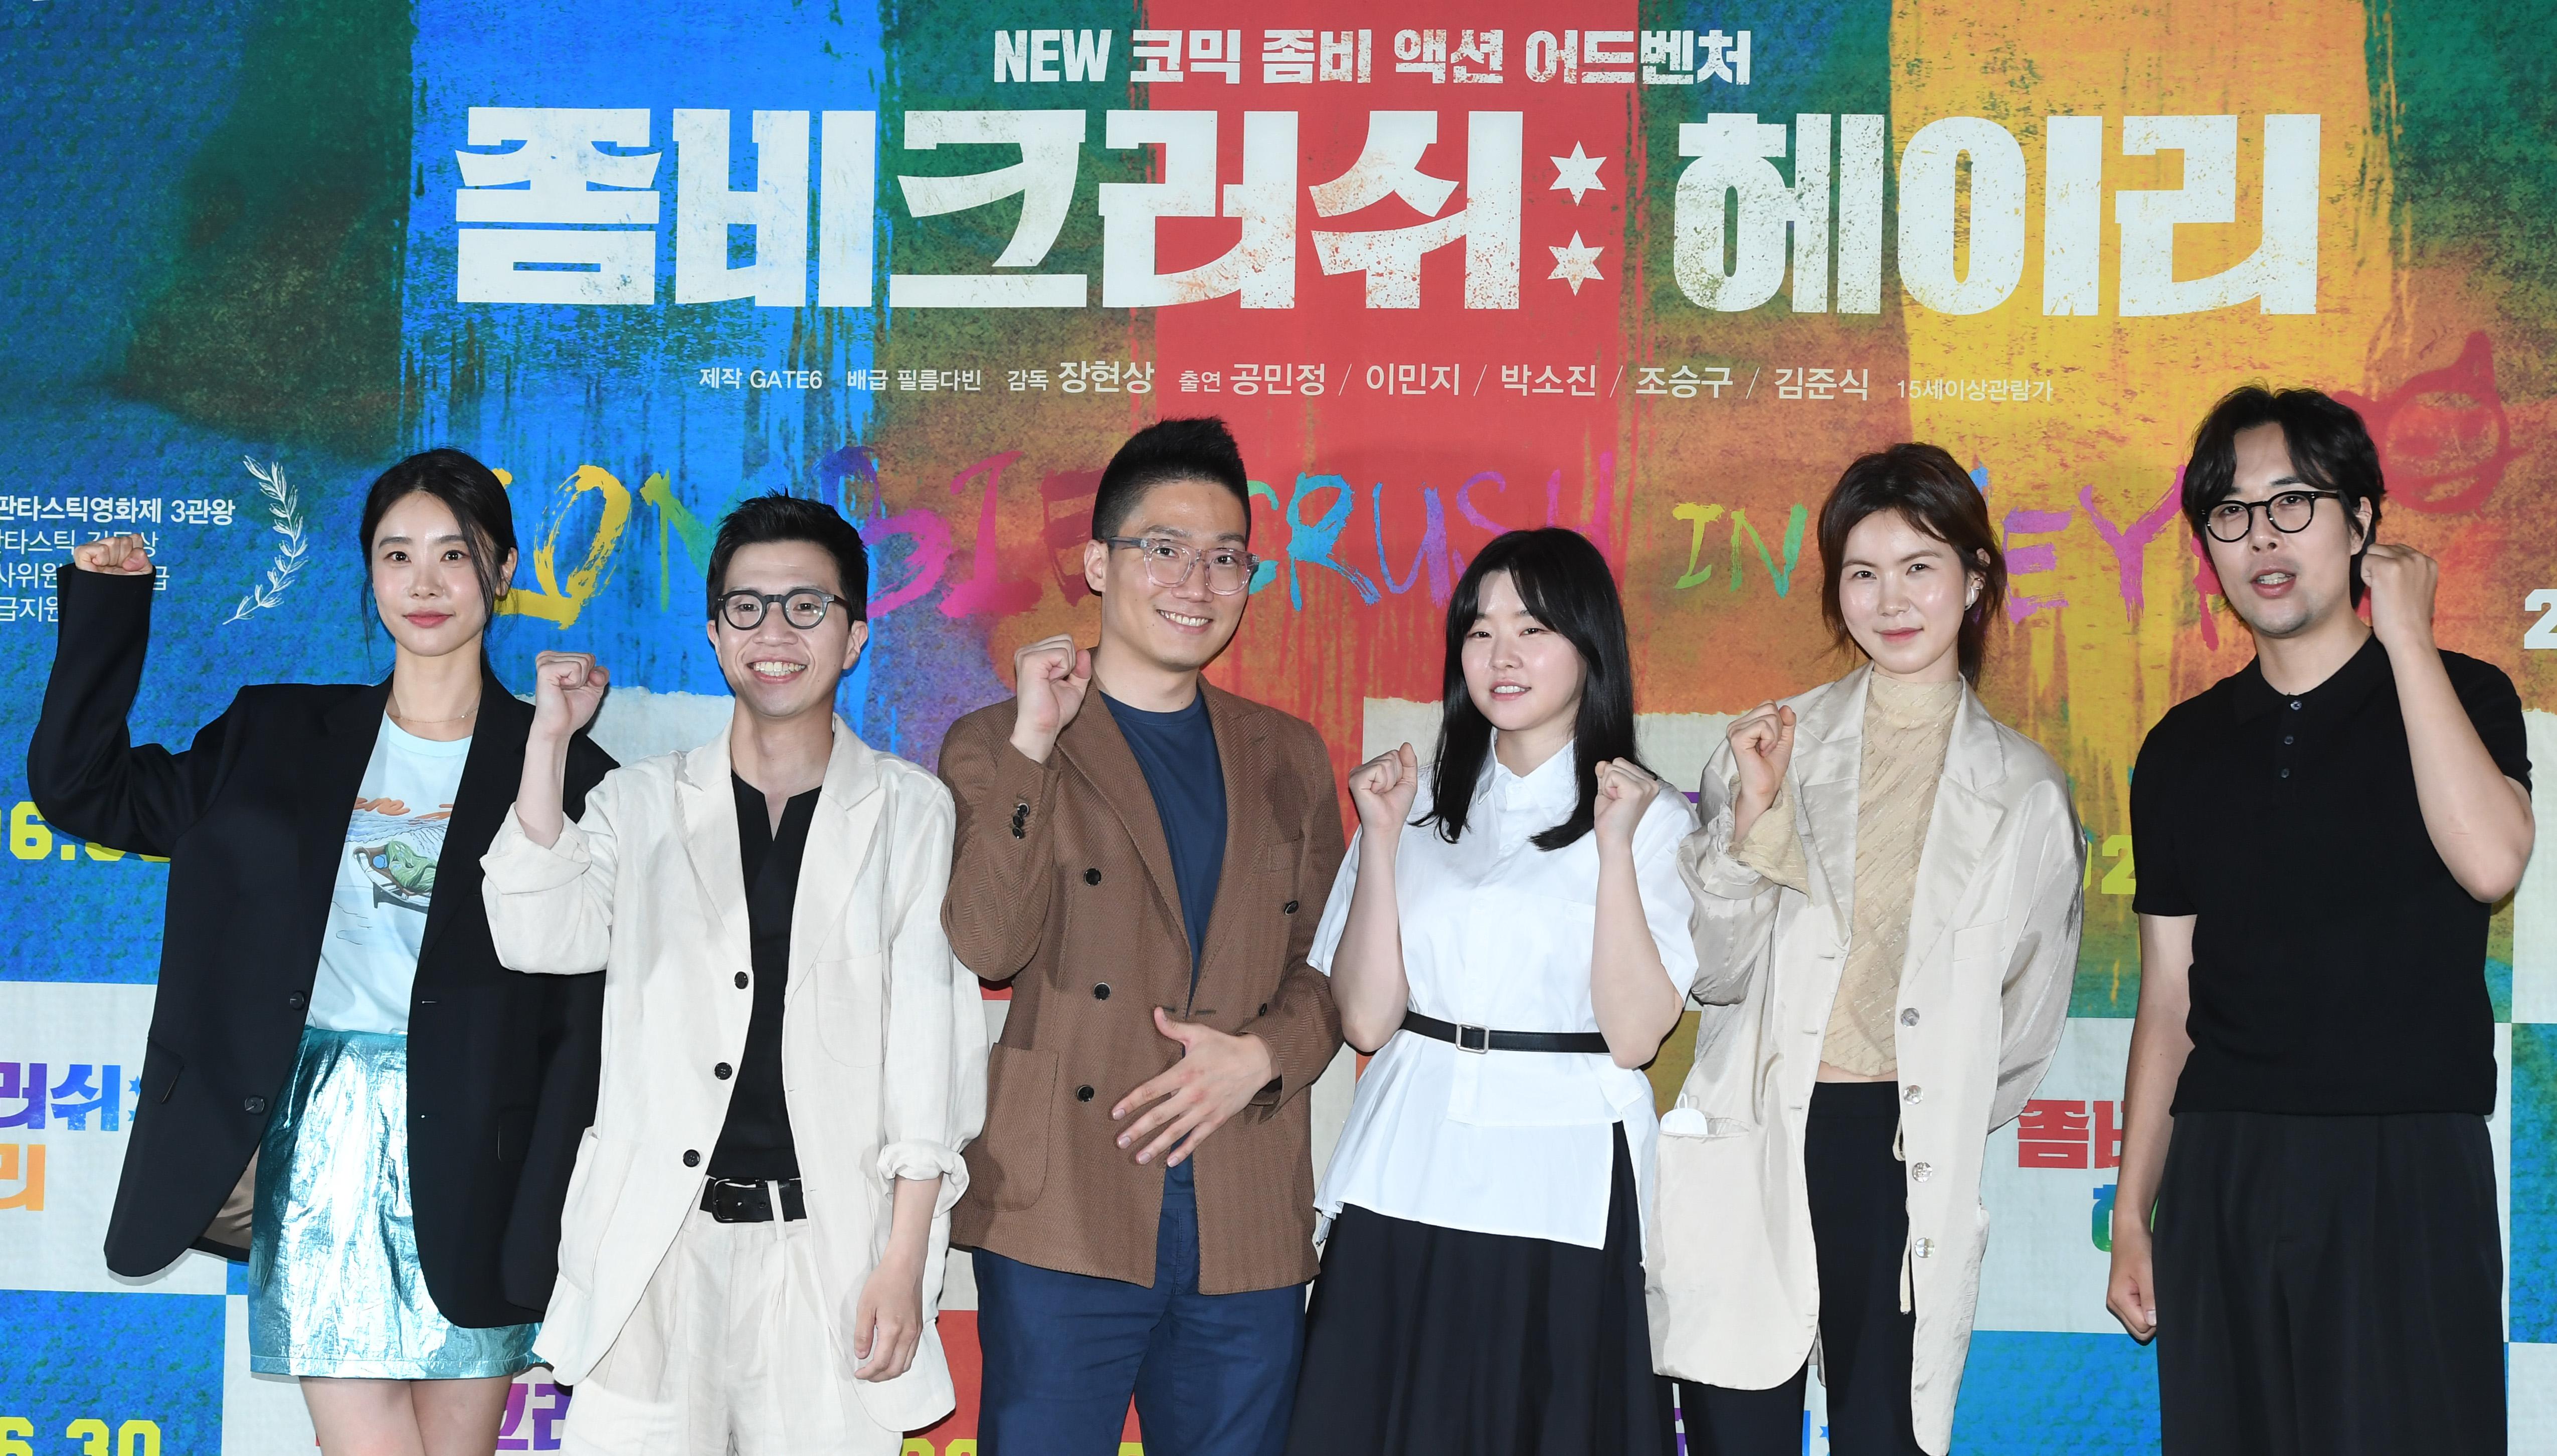 공민정·이민지·박소진의 모험극 영화 '좀비크러쉬: 헤이리'